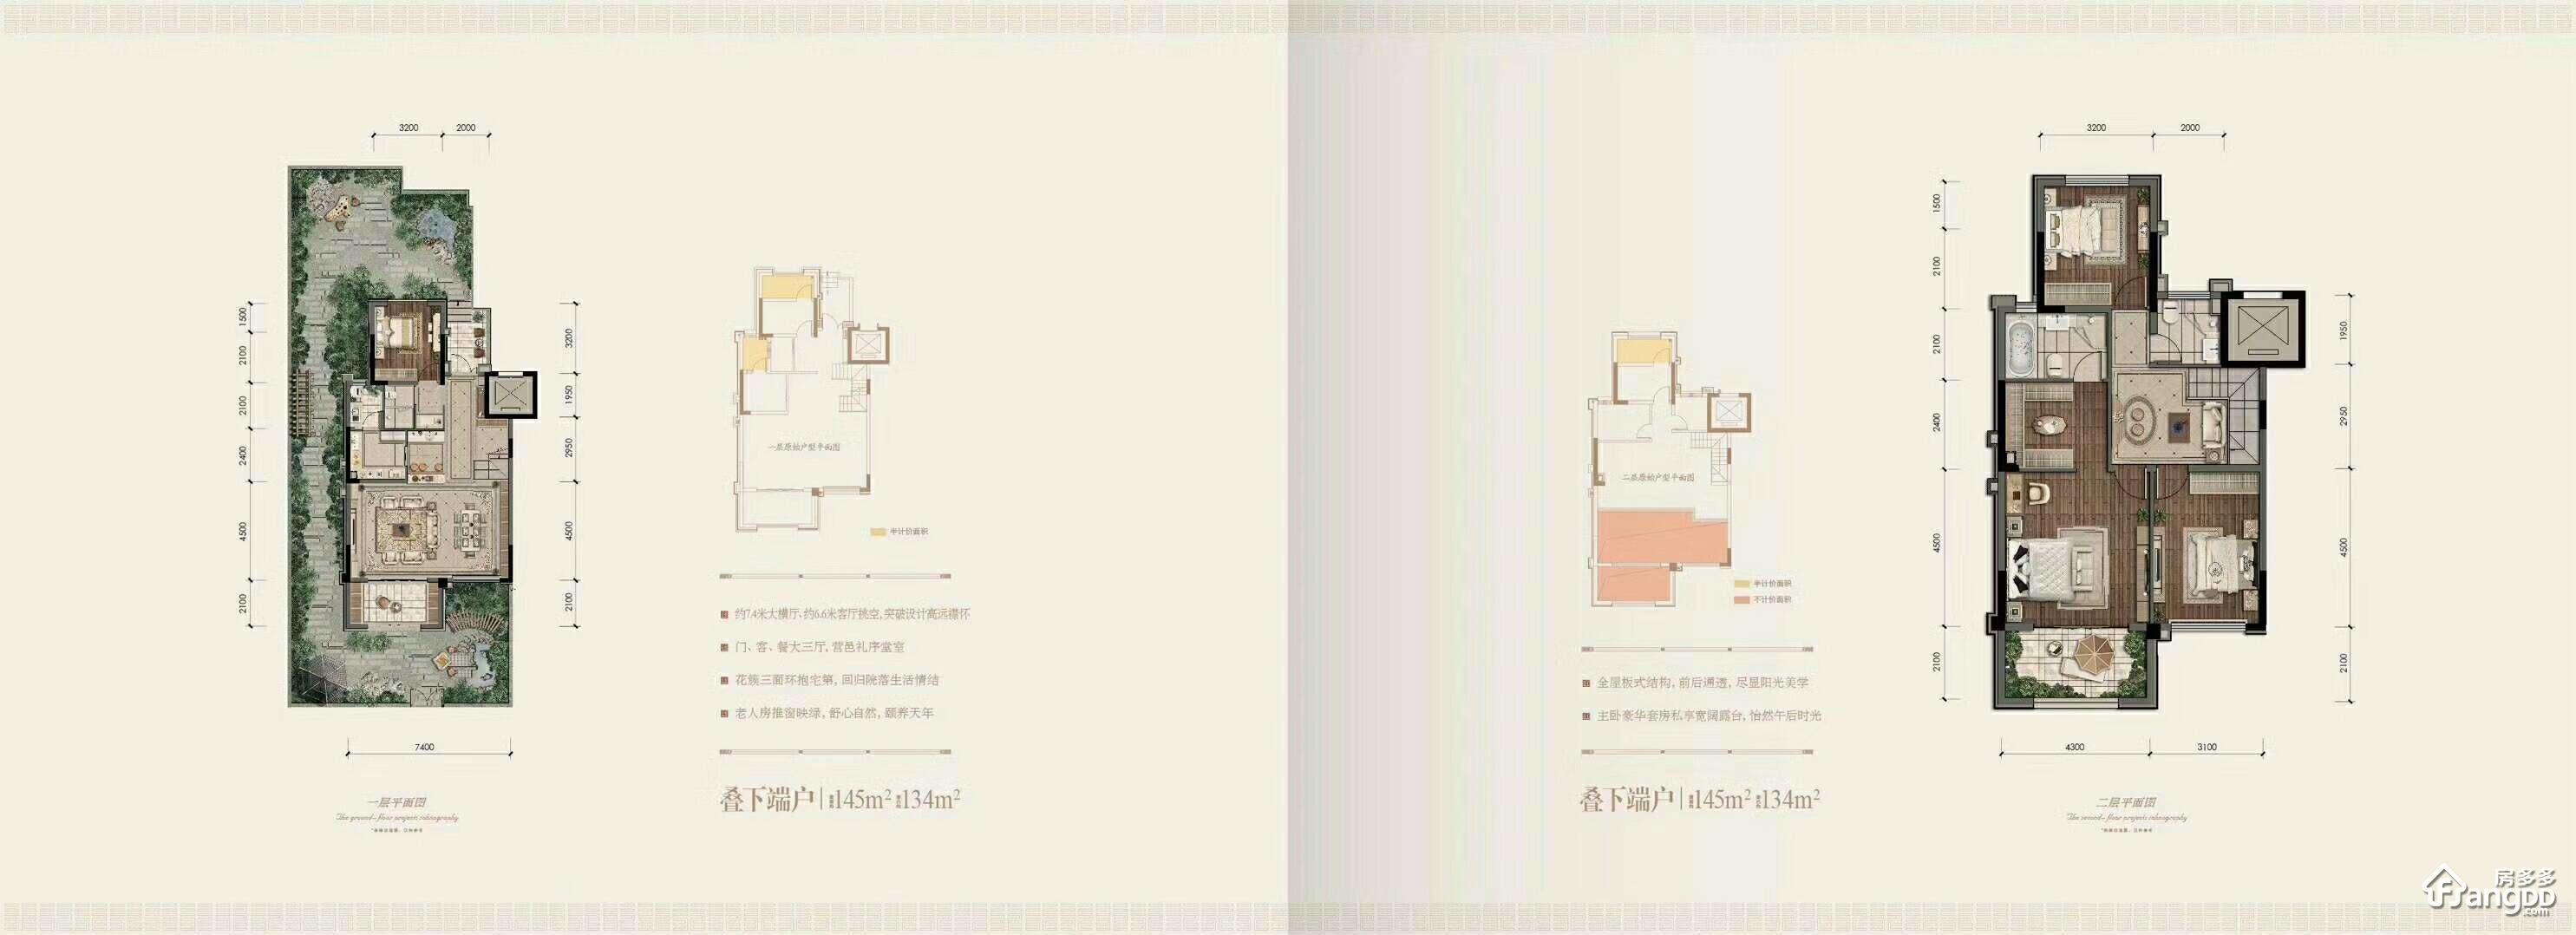 北京城建龙樾生态城1室2厅1卫户型图